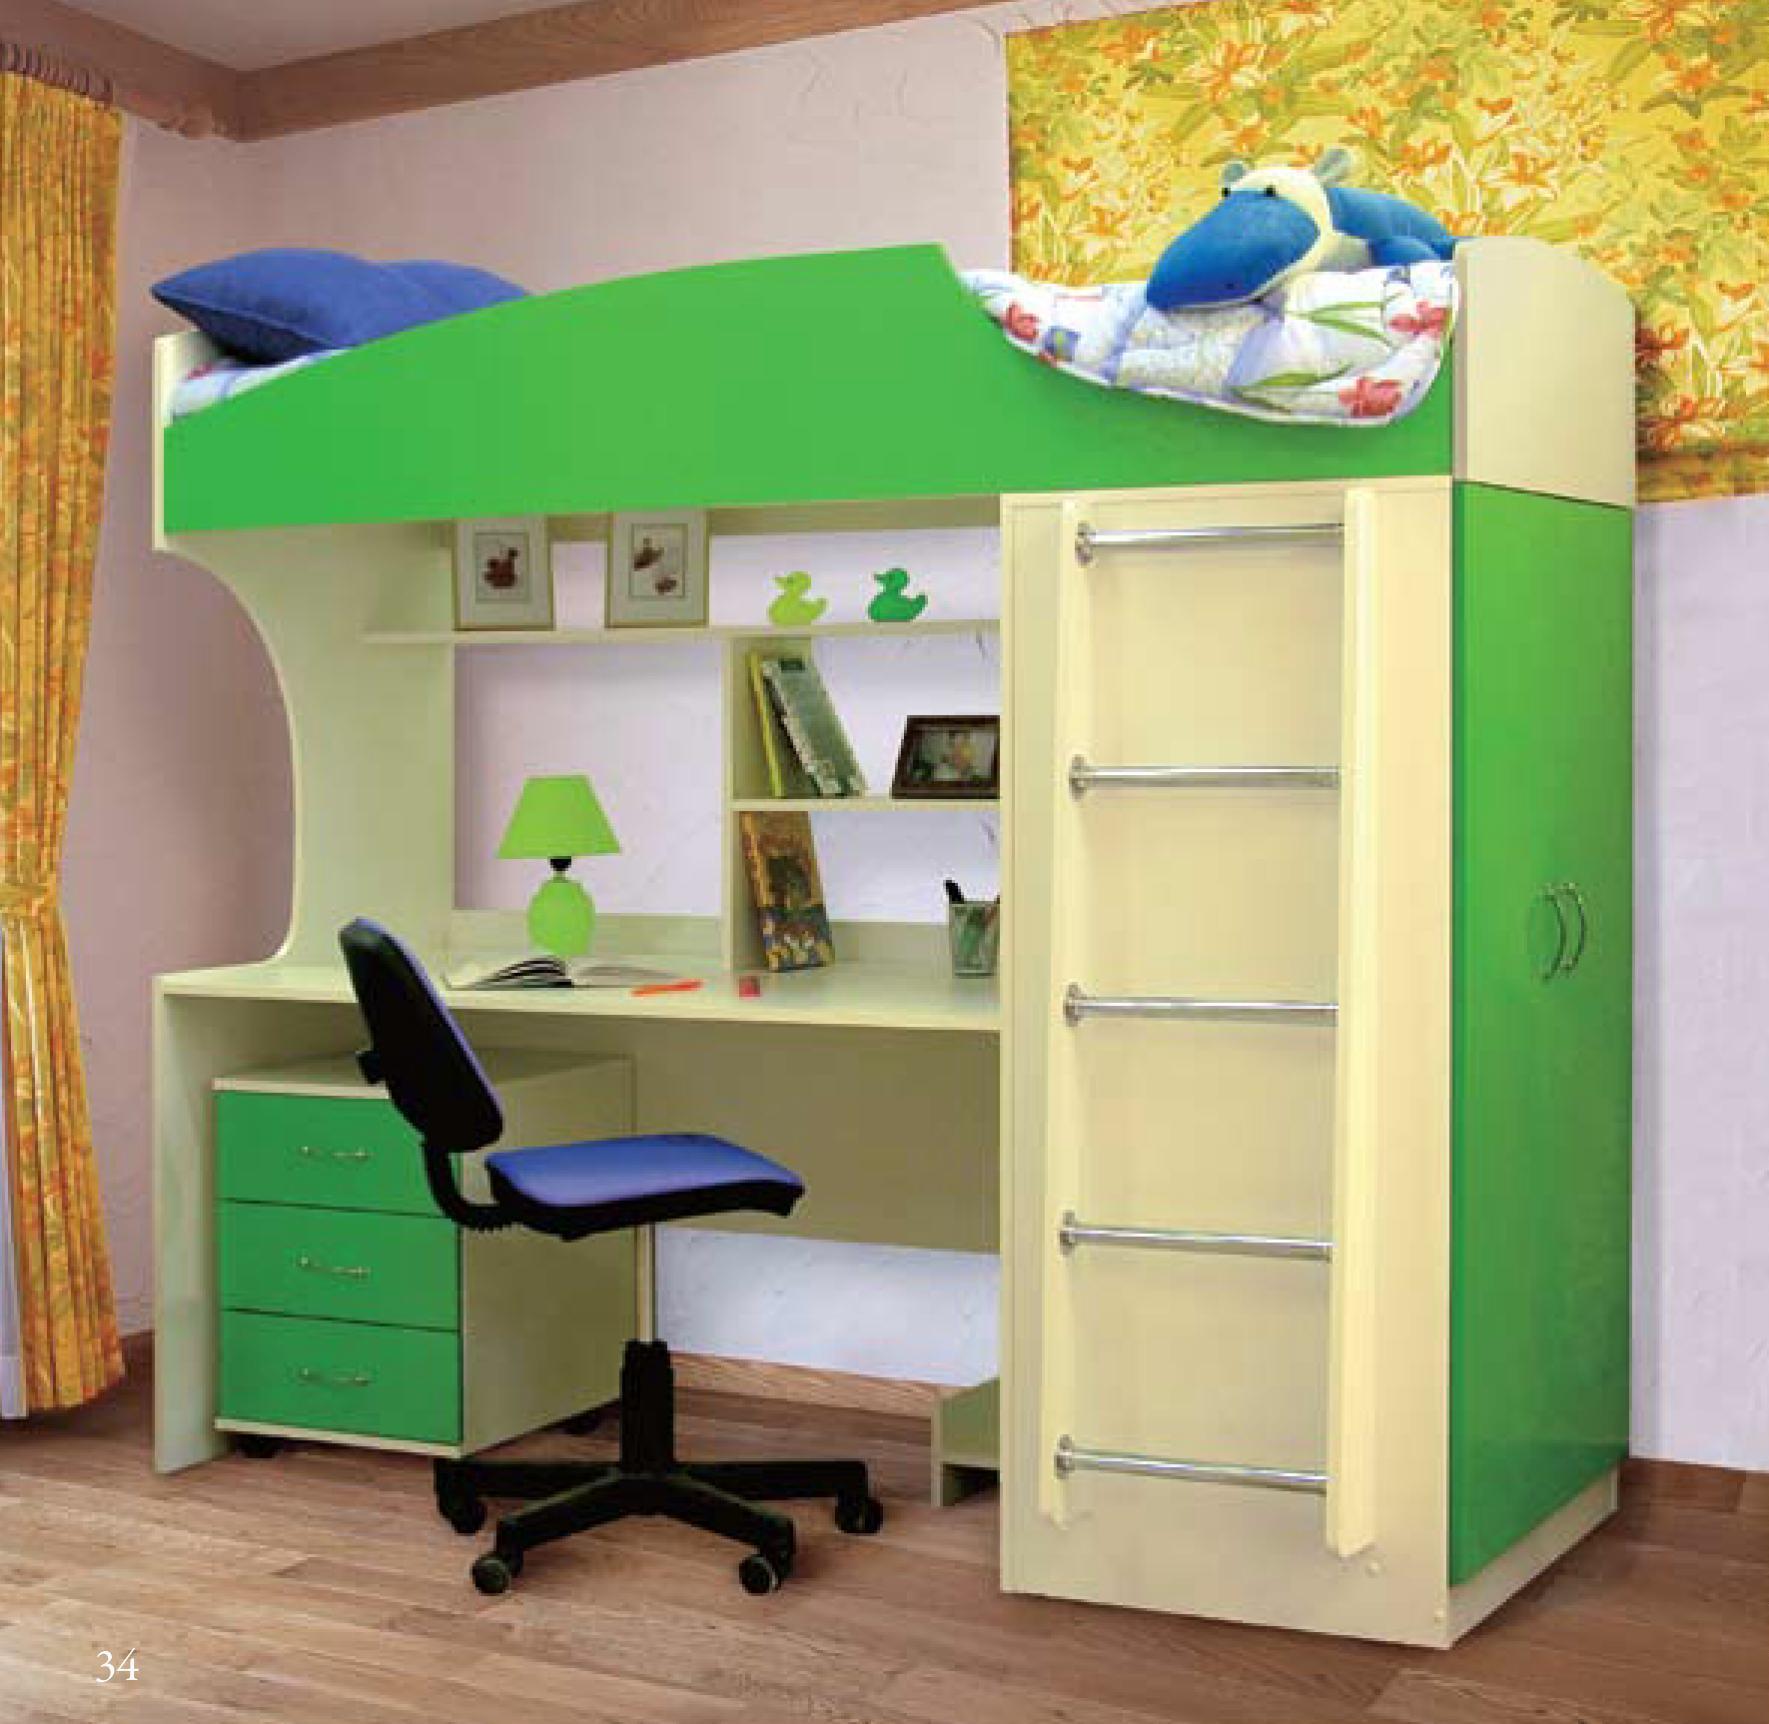 Рабочий уголок дома - личная зона комфорта.